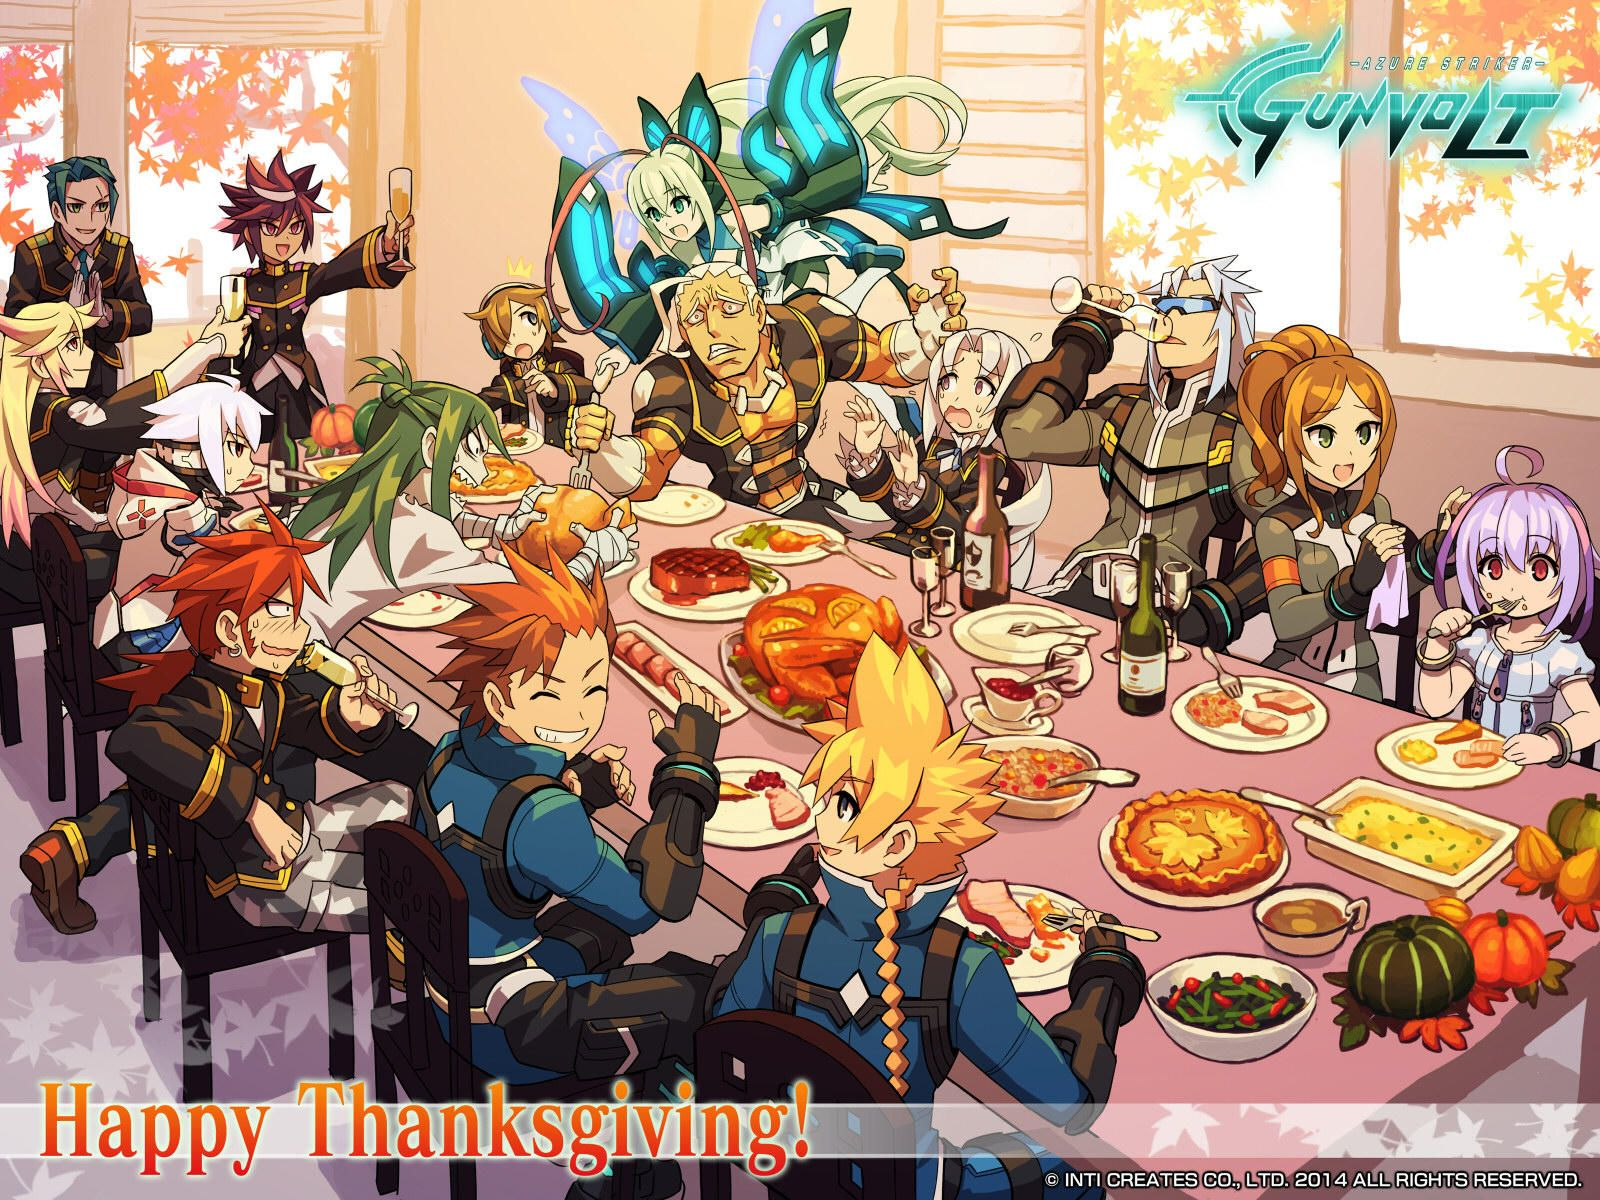 Thanksgiving Wallpaper Azure Striker Gunvolt Azure Striker Gunvolt Thanksgiving Wallpaper Azure